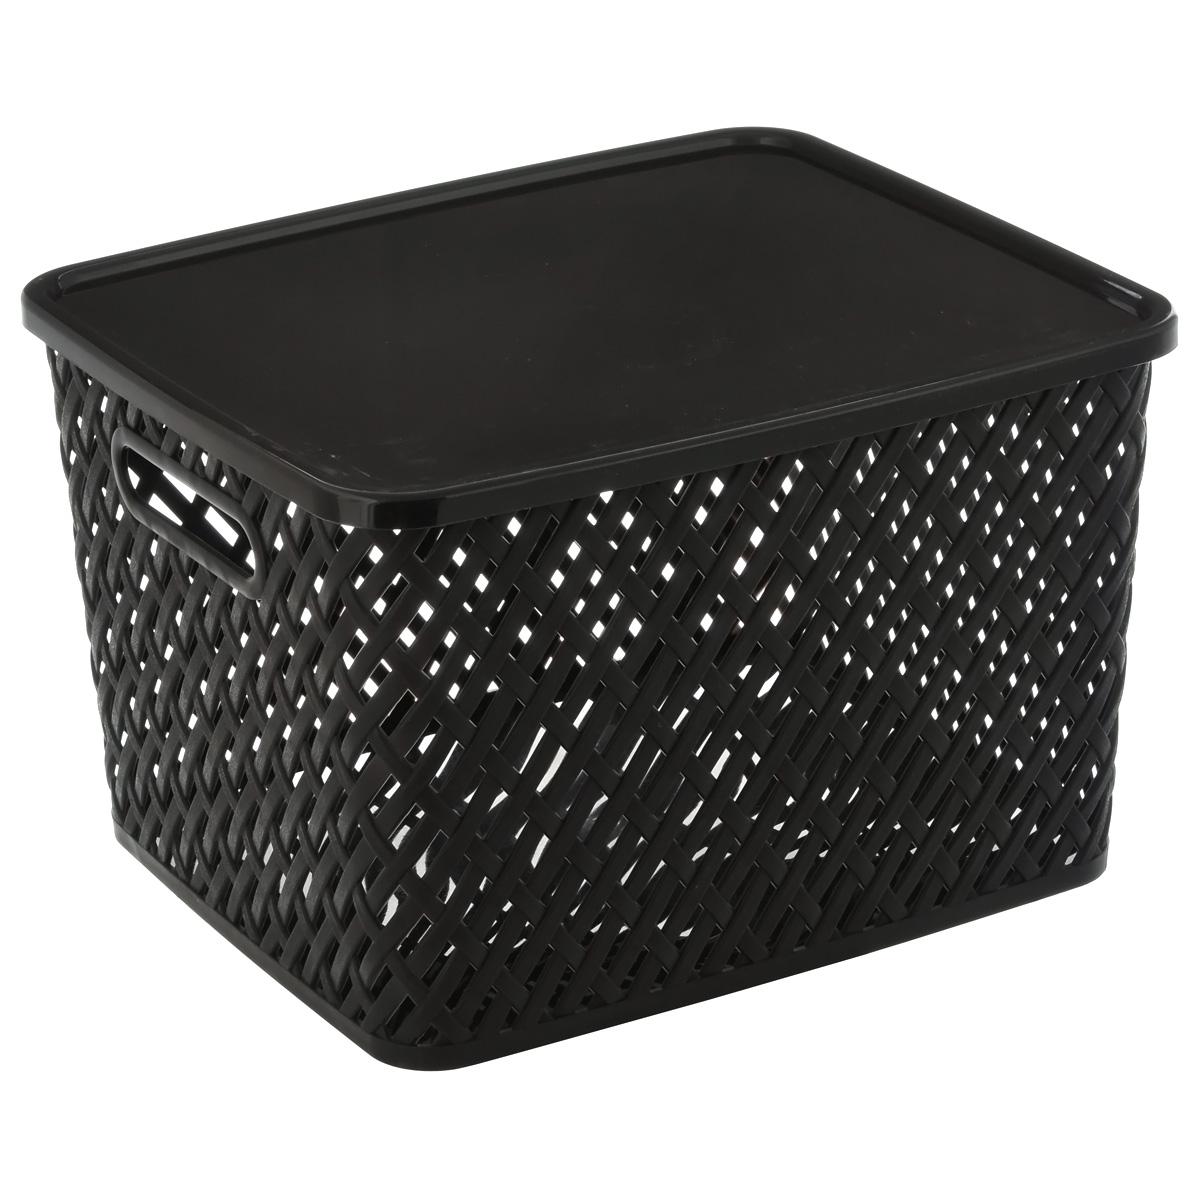 """Корзина Альтернатива """"Плетенка"""" выполнена  из прочного пластика. Она предназначена для  хранения различных бытовых вещей и продуктов.  Корзина имеет крышку, которая легко  открывается и плотно закрывается. Стенки  корзины имитированы под плетение, за счет  этого  обеспечивается естественная вентиляция.  Корзина поможет хранить все в одном месте, а  также его можно использовать как и для  пикника."""